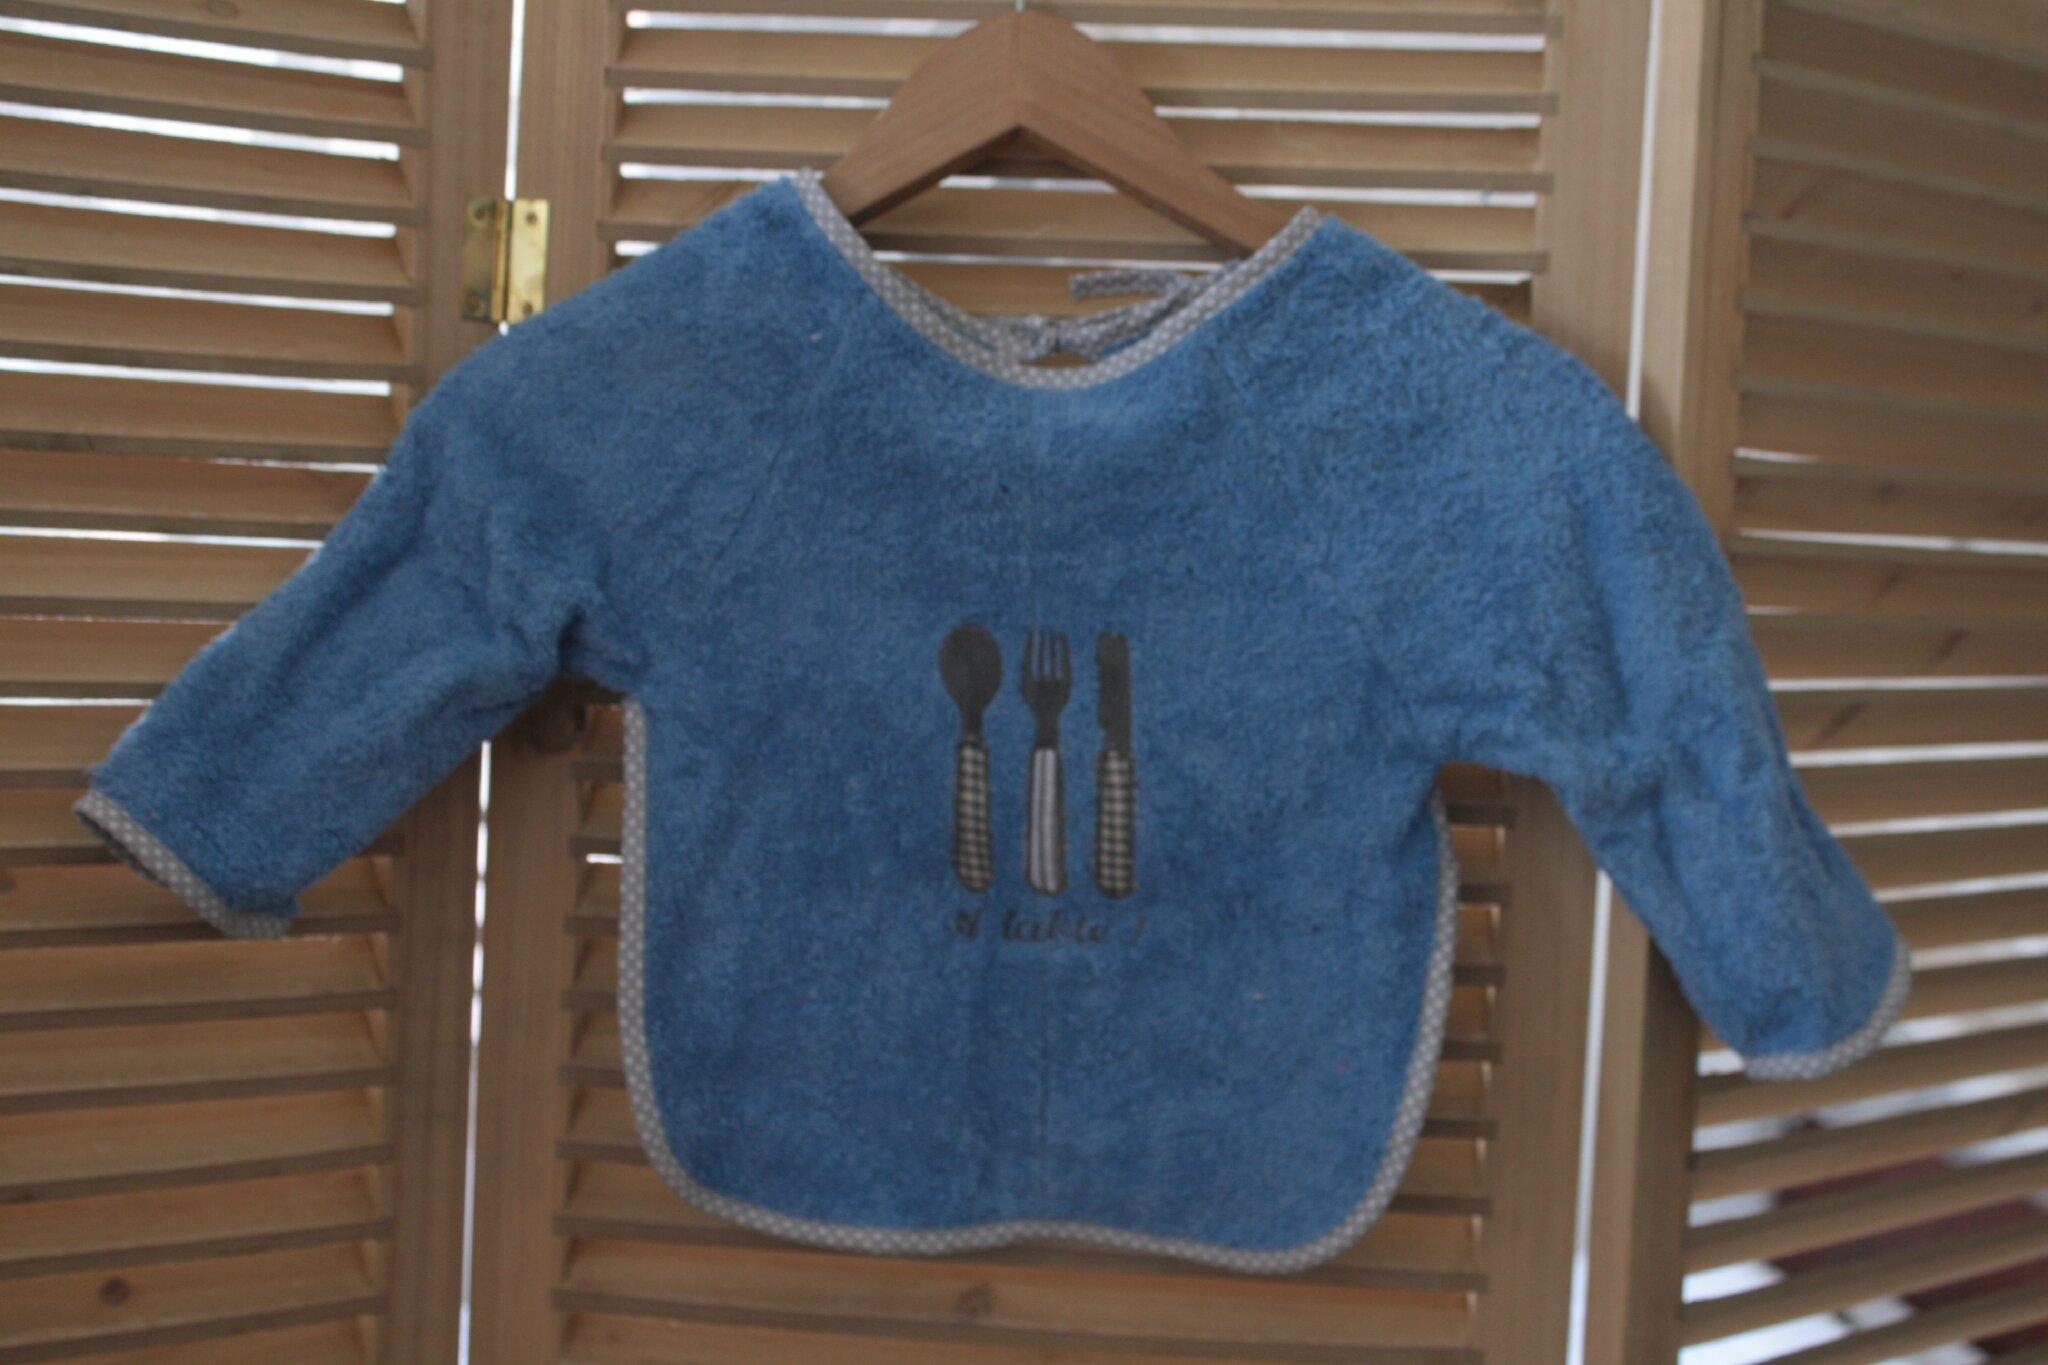 Serviette éponge bleue, brodée couverts, A table ! 15€, personnalisable pour 2€ de plus